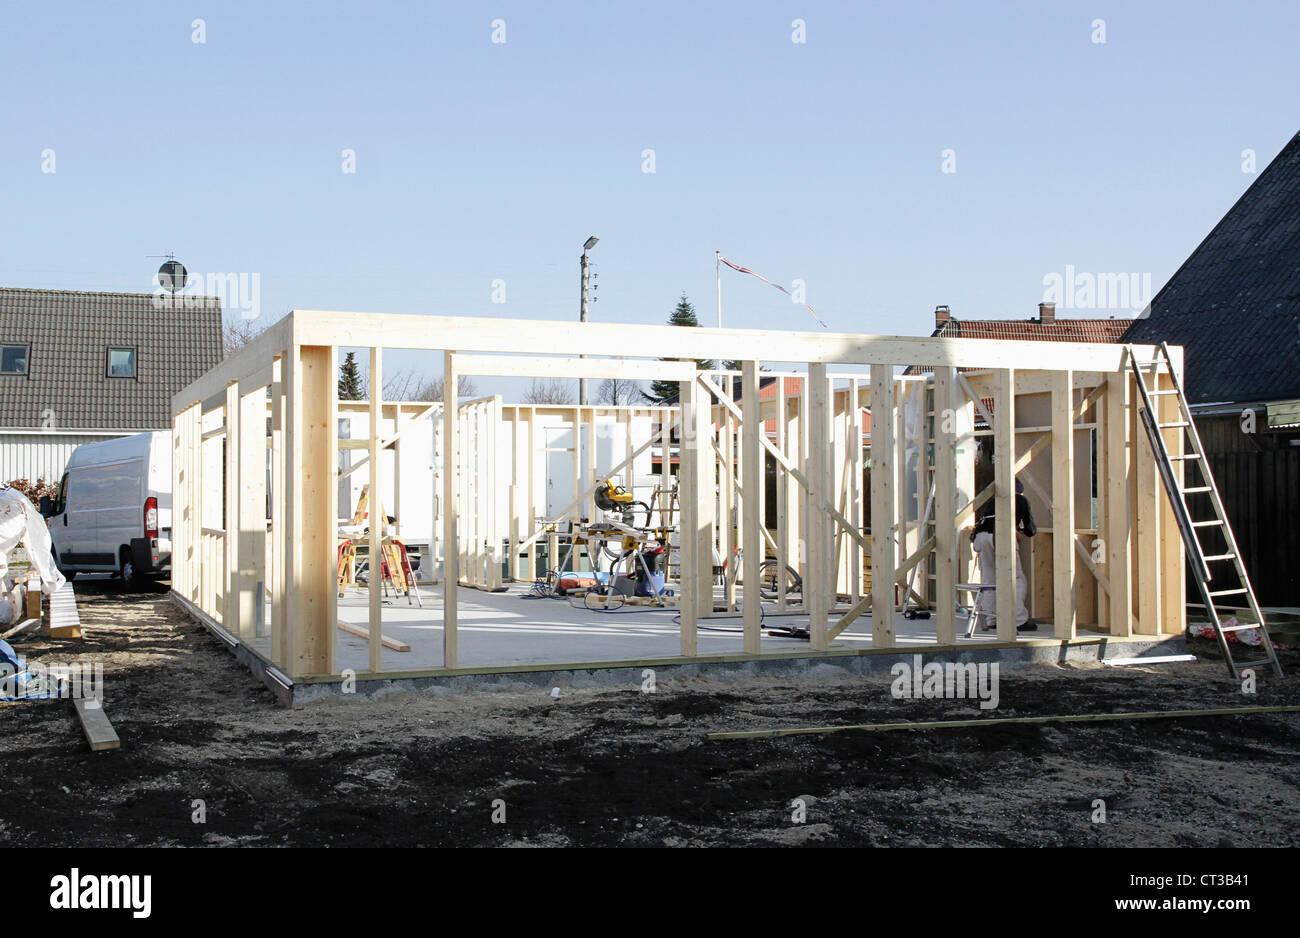 Nuova struttura sul sito in costruzione Immagini Stock